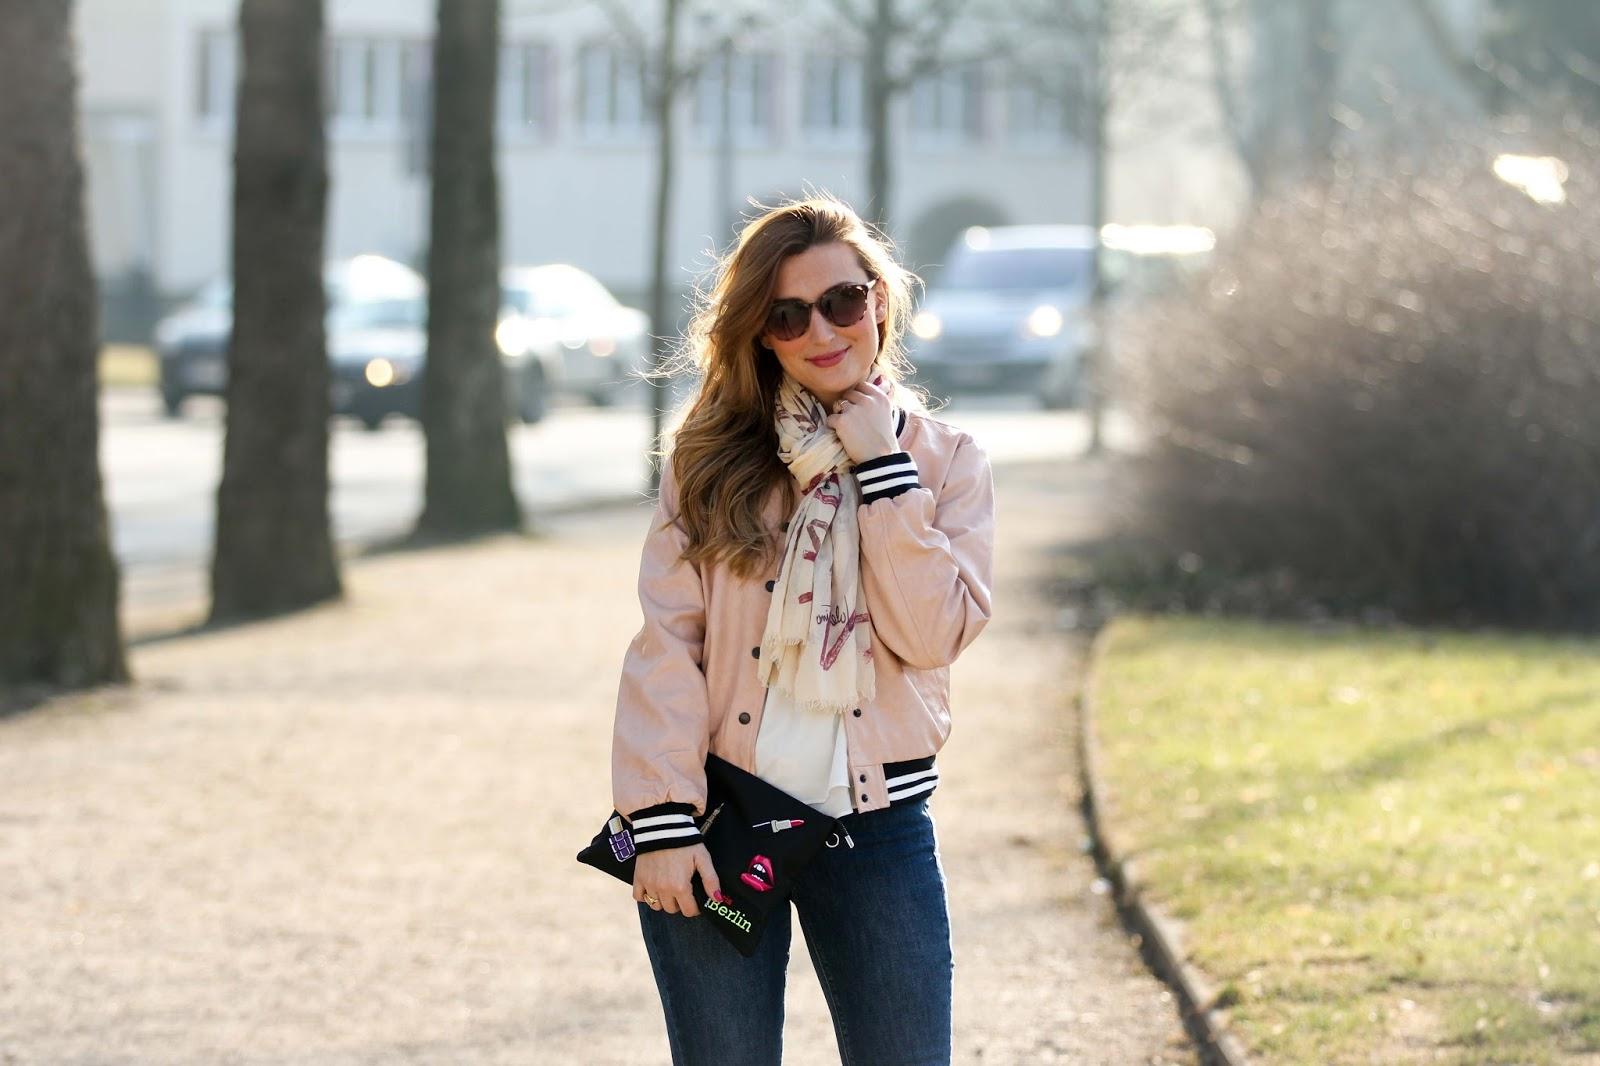 fashionblogger aus Deutschland- fashionstylebyjohanna